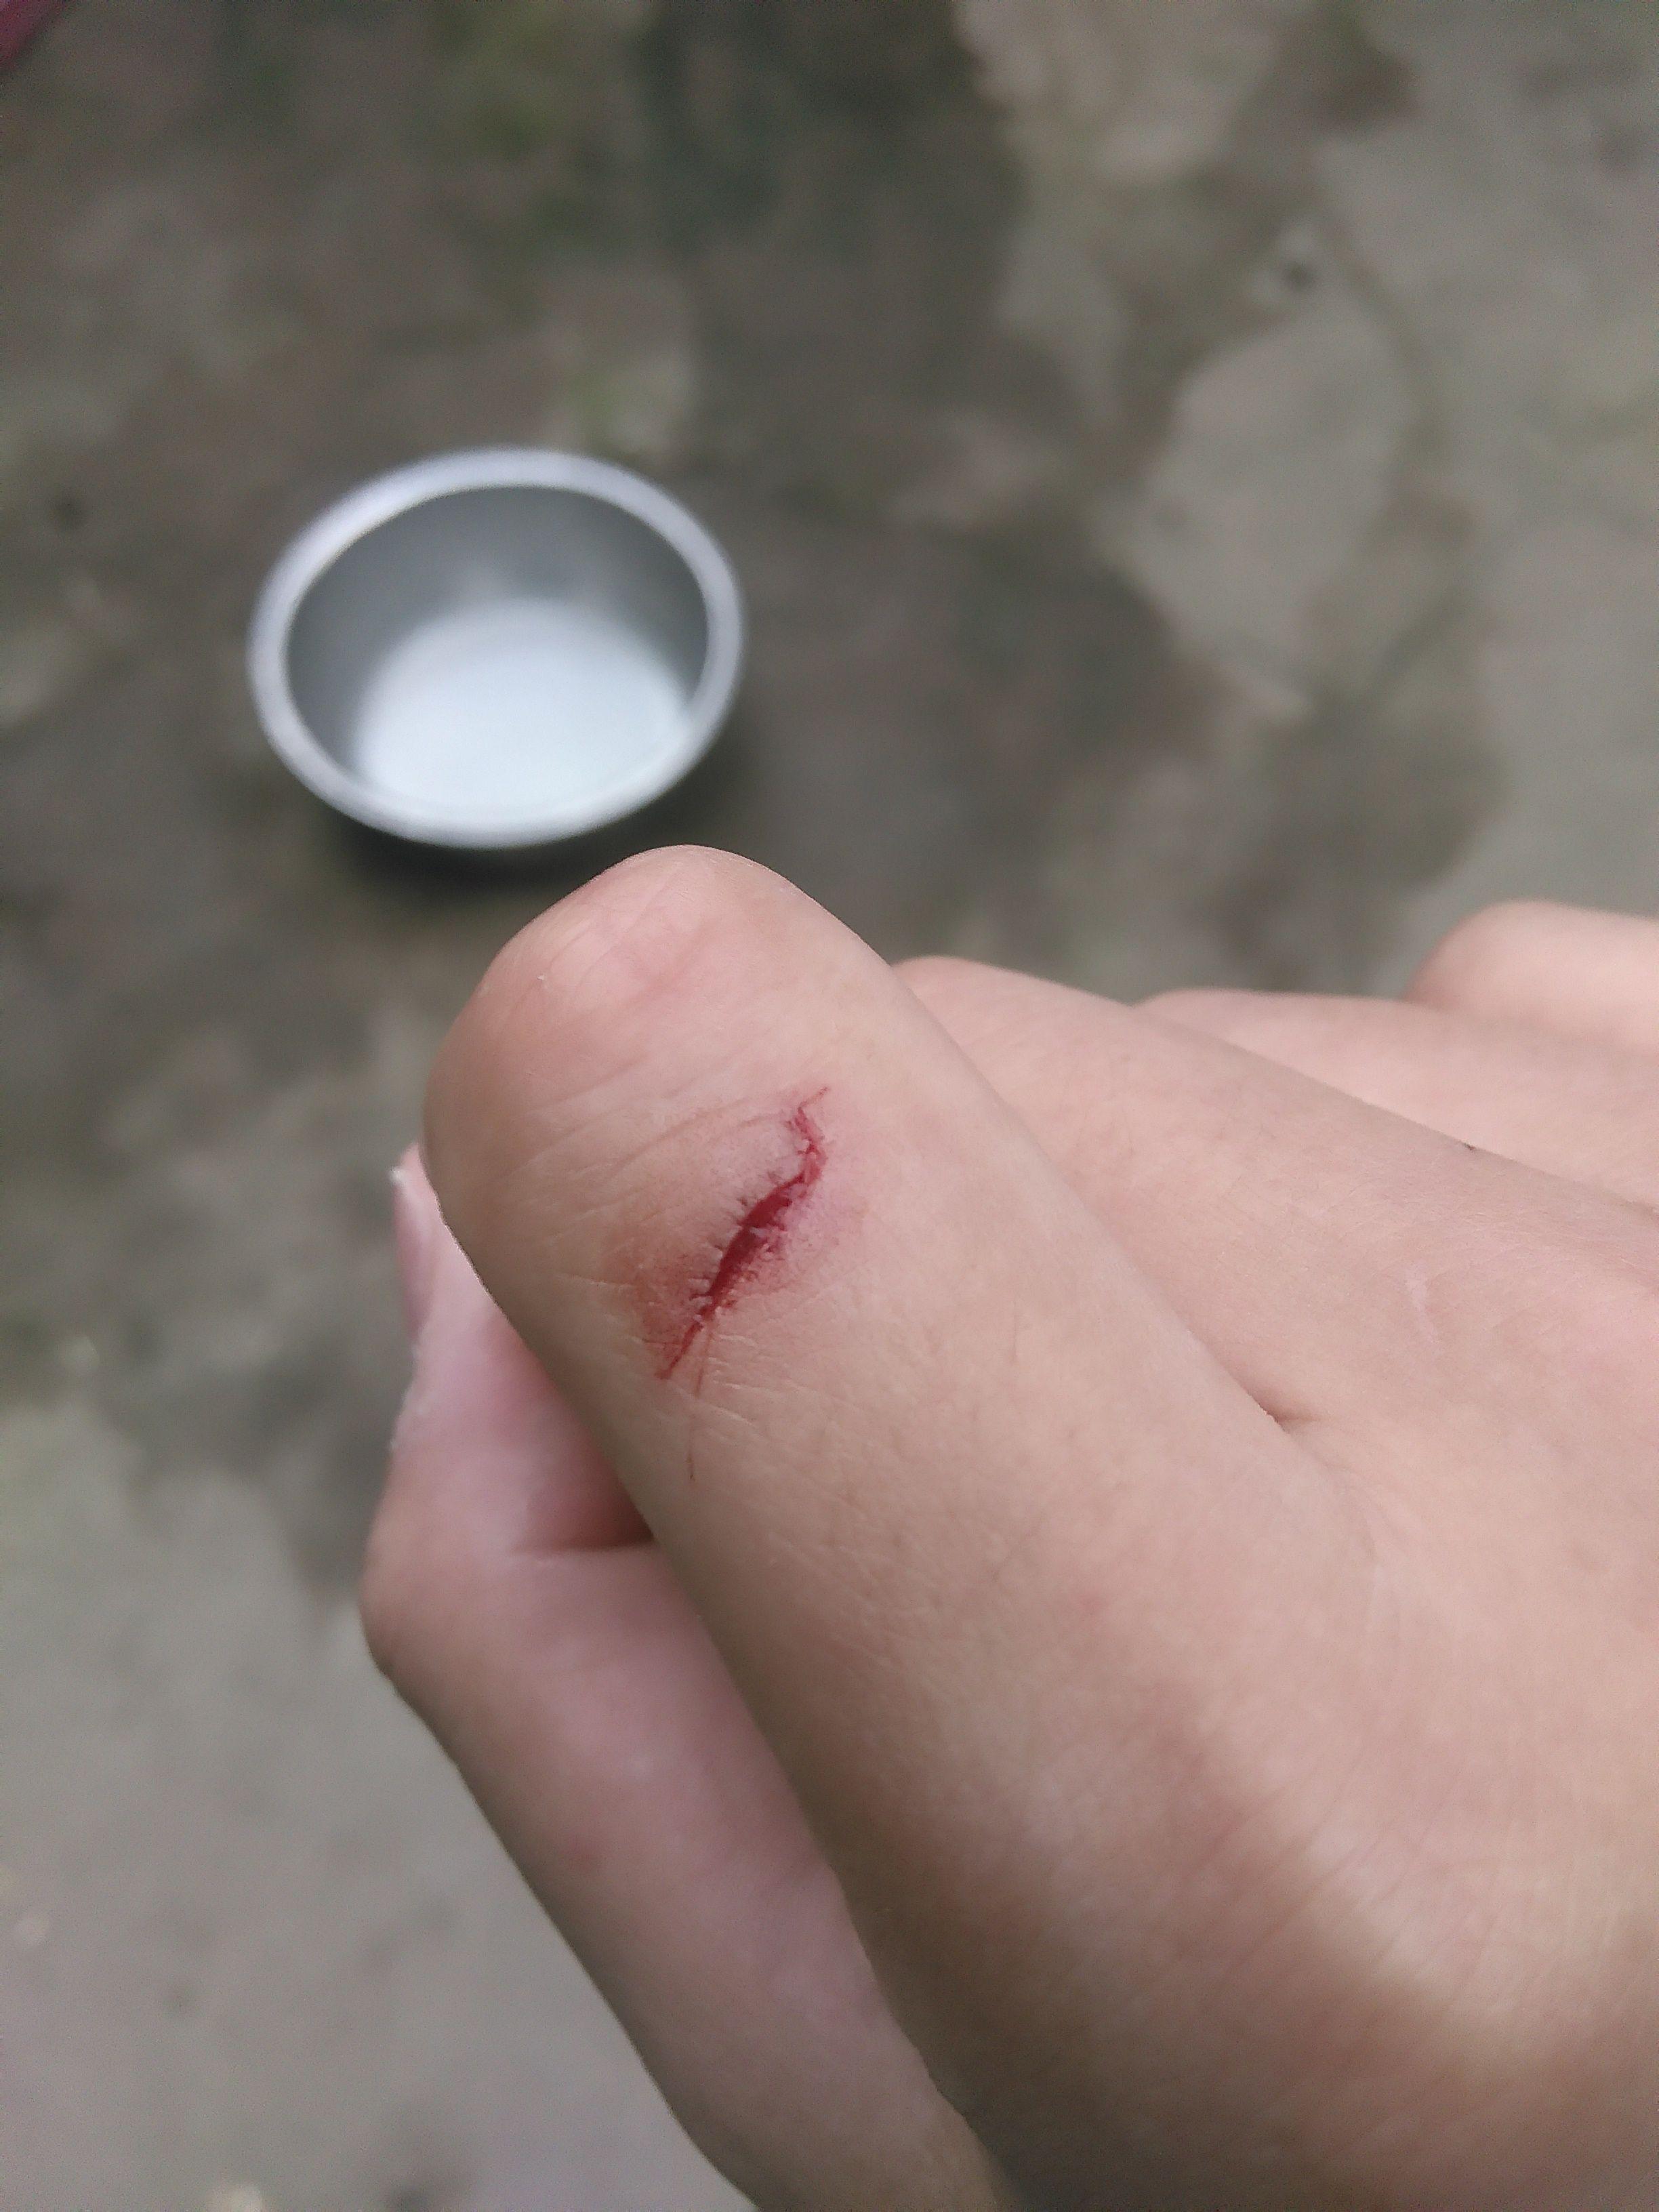 我的手破了一个口子,当是飚血不止图片